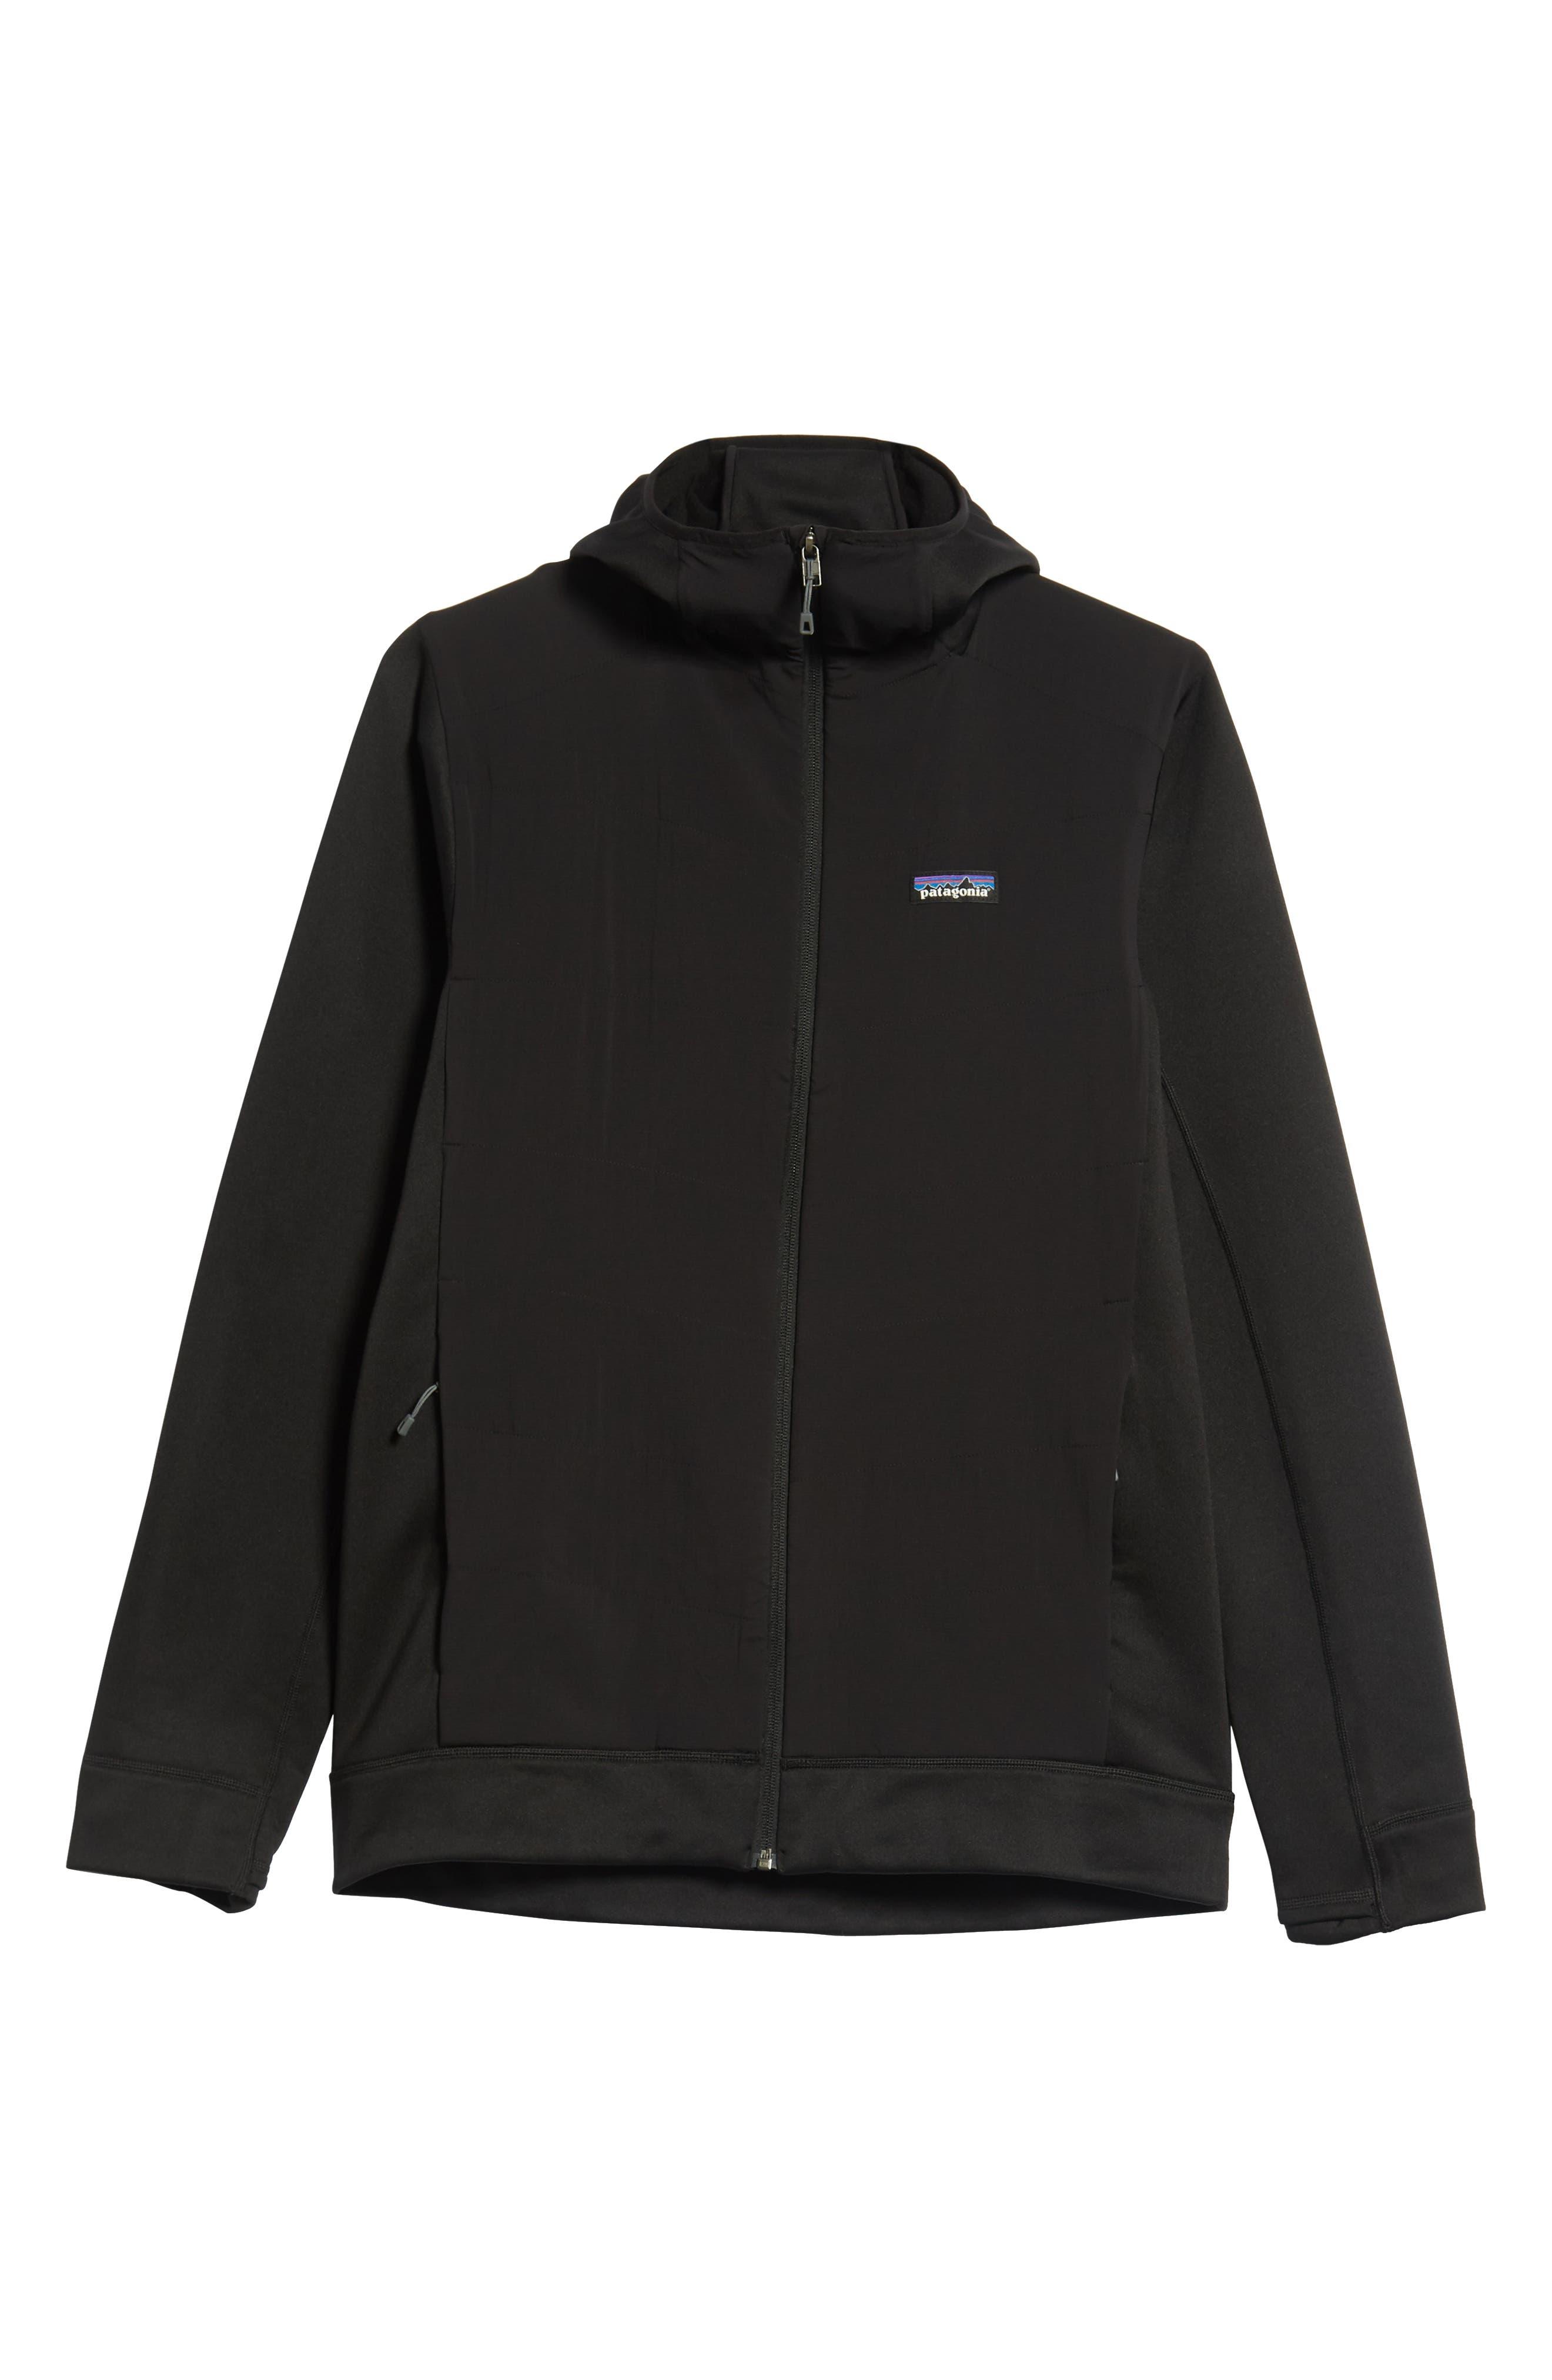 Crosstek Hybrid Hooded Jacket,                             Alternate thumbnail 6, color,                             BLACK